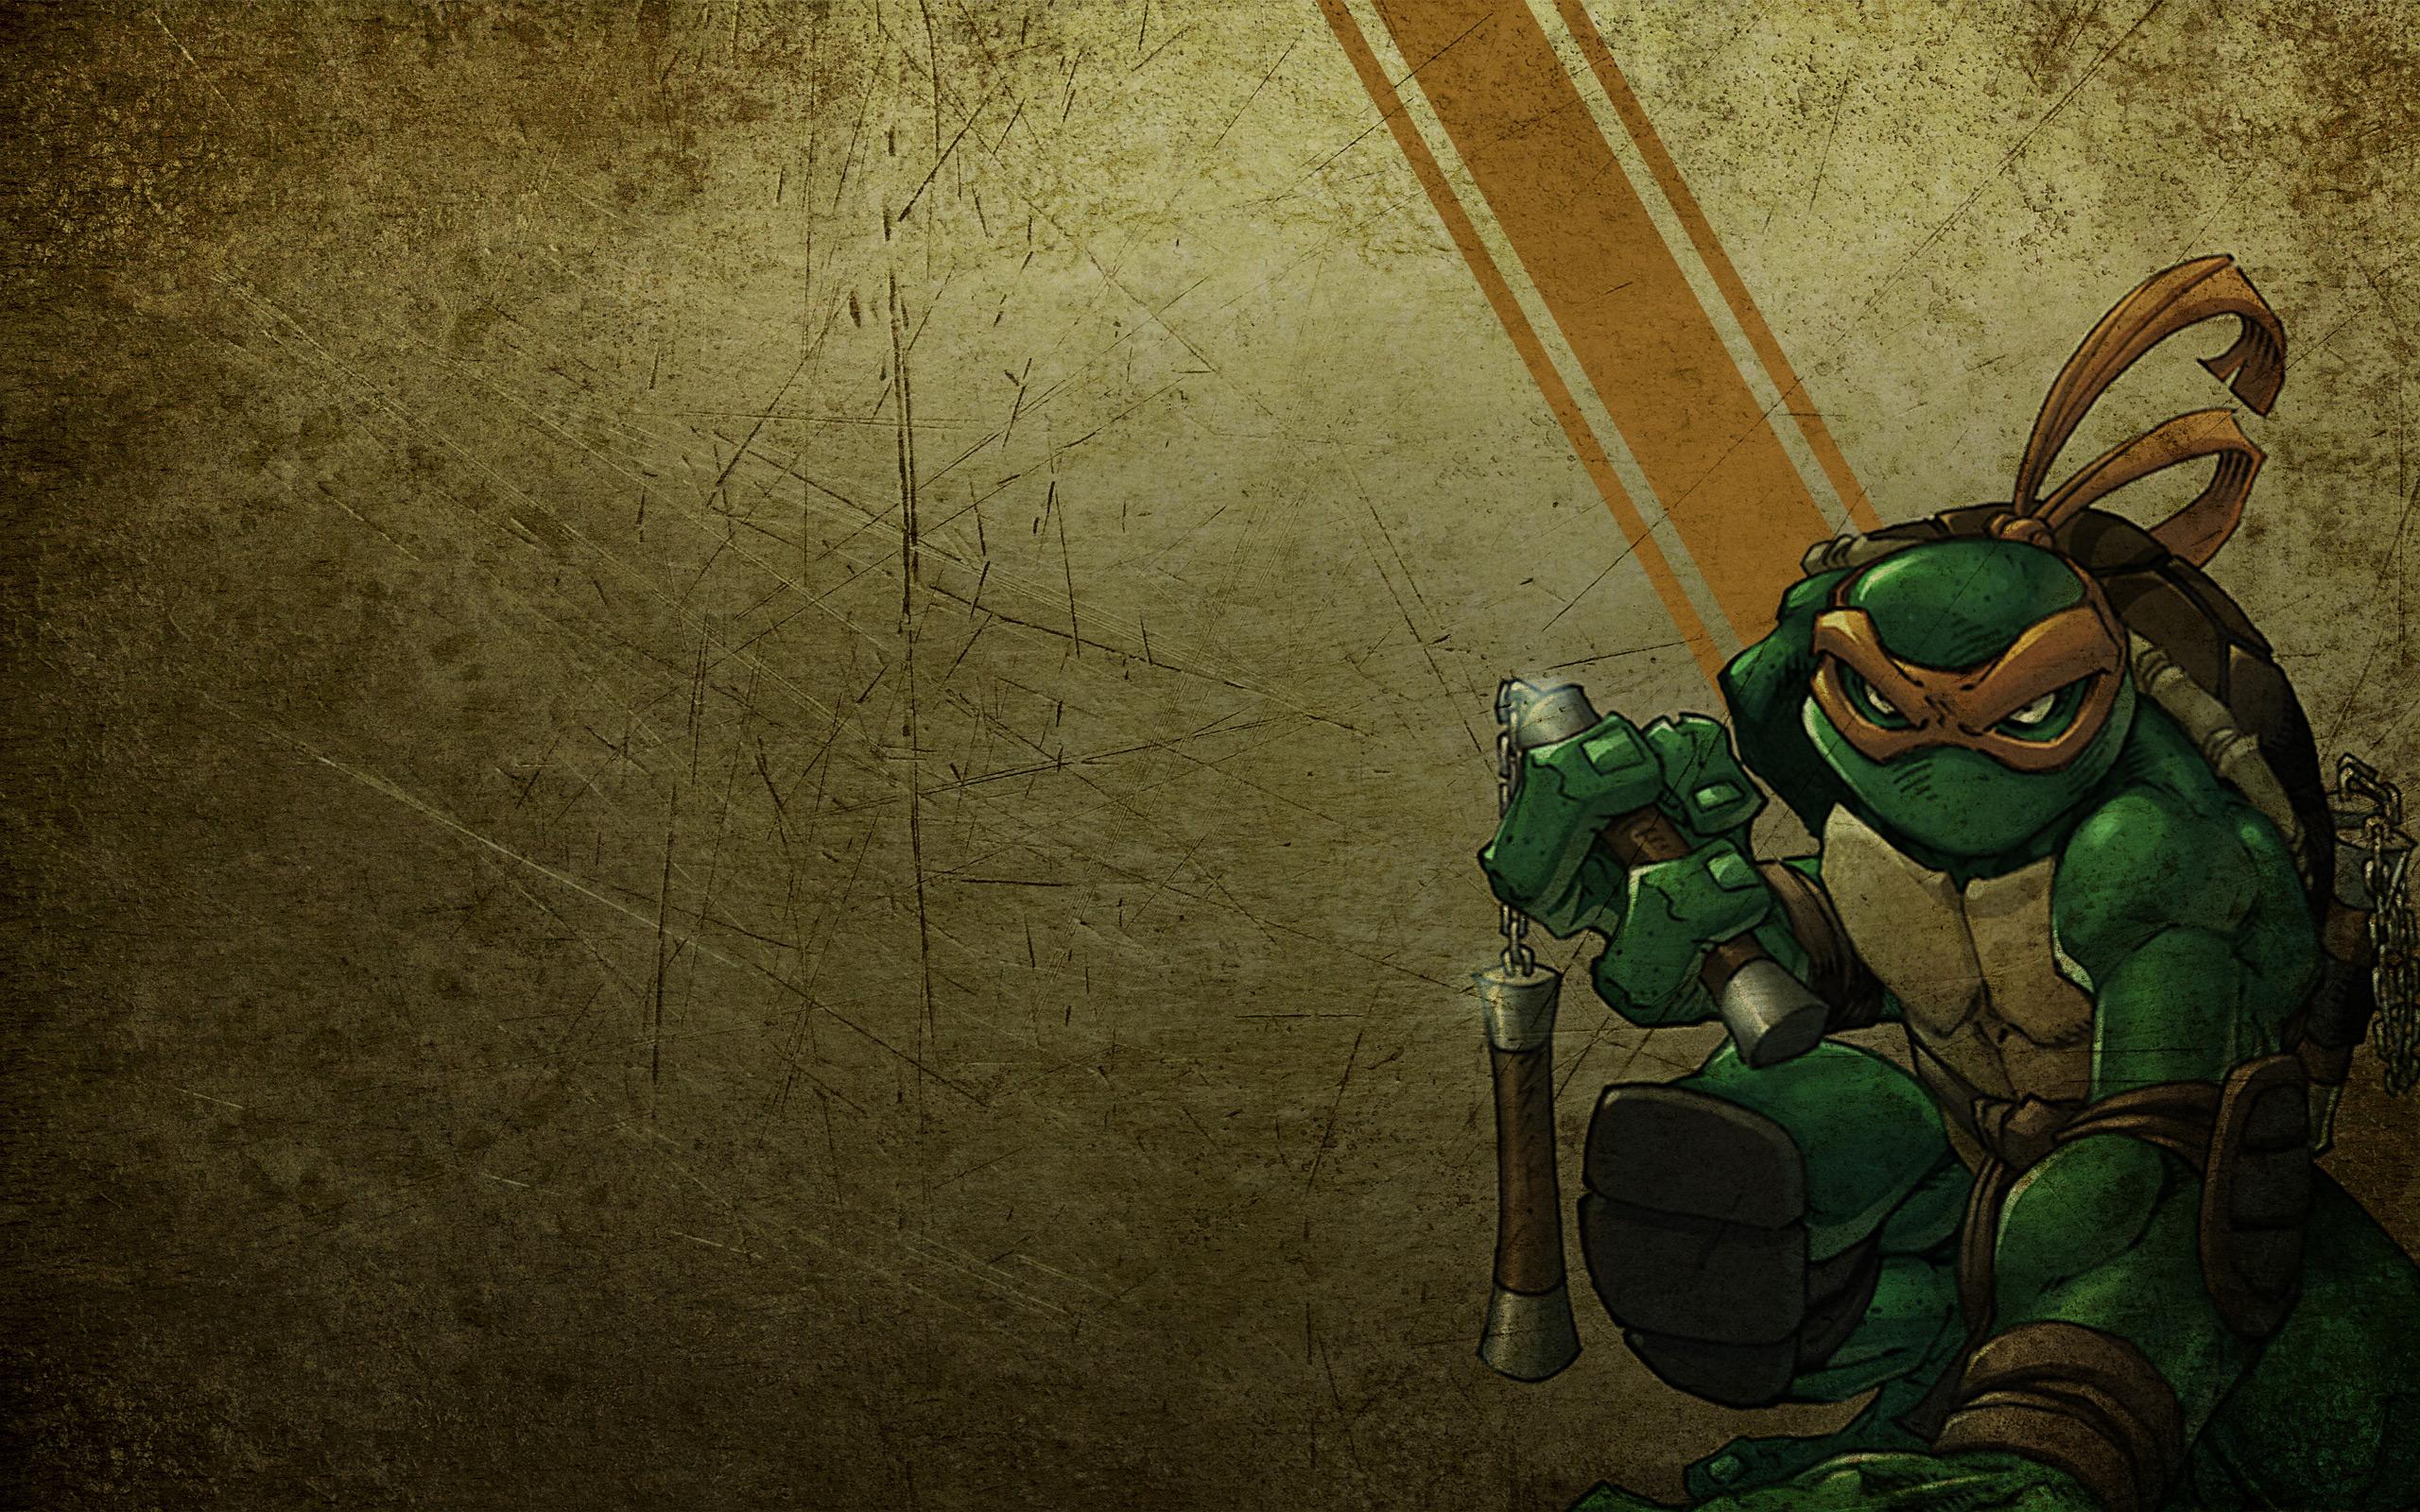 TMNT   Michaelangelo Wallpaper 2560 x 1600 2560x1600